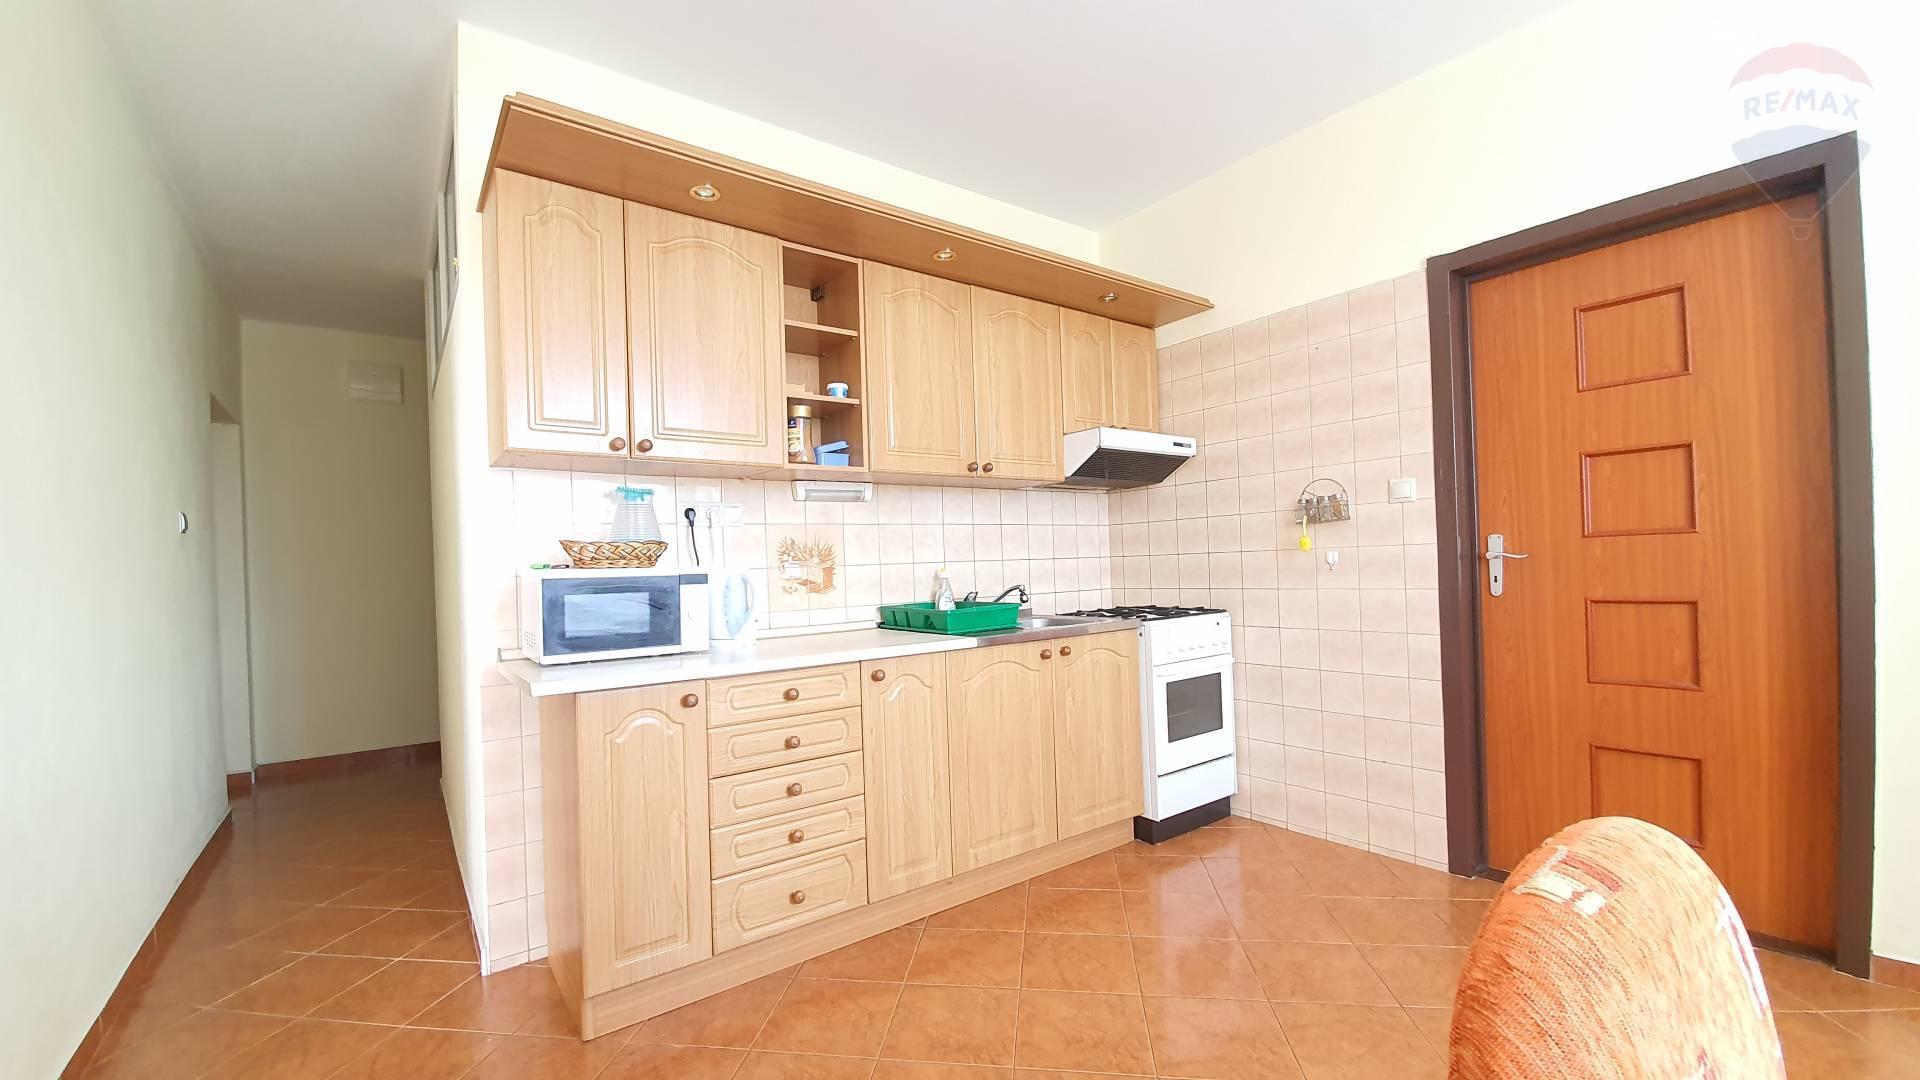 PREDAJ - 3 izbový byt, Topoľčany, balkón, sídlisko Východ,